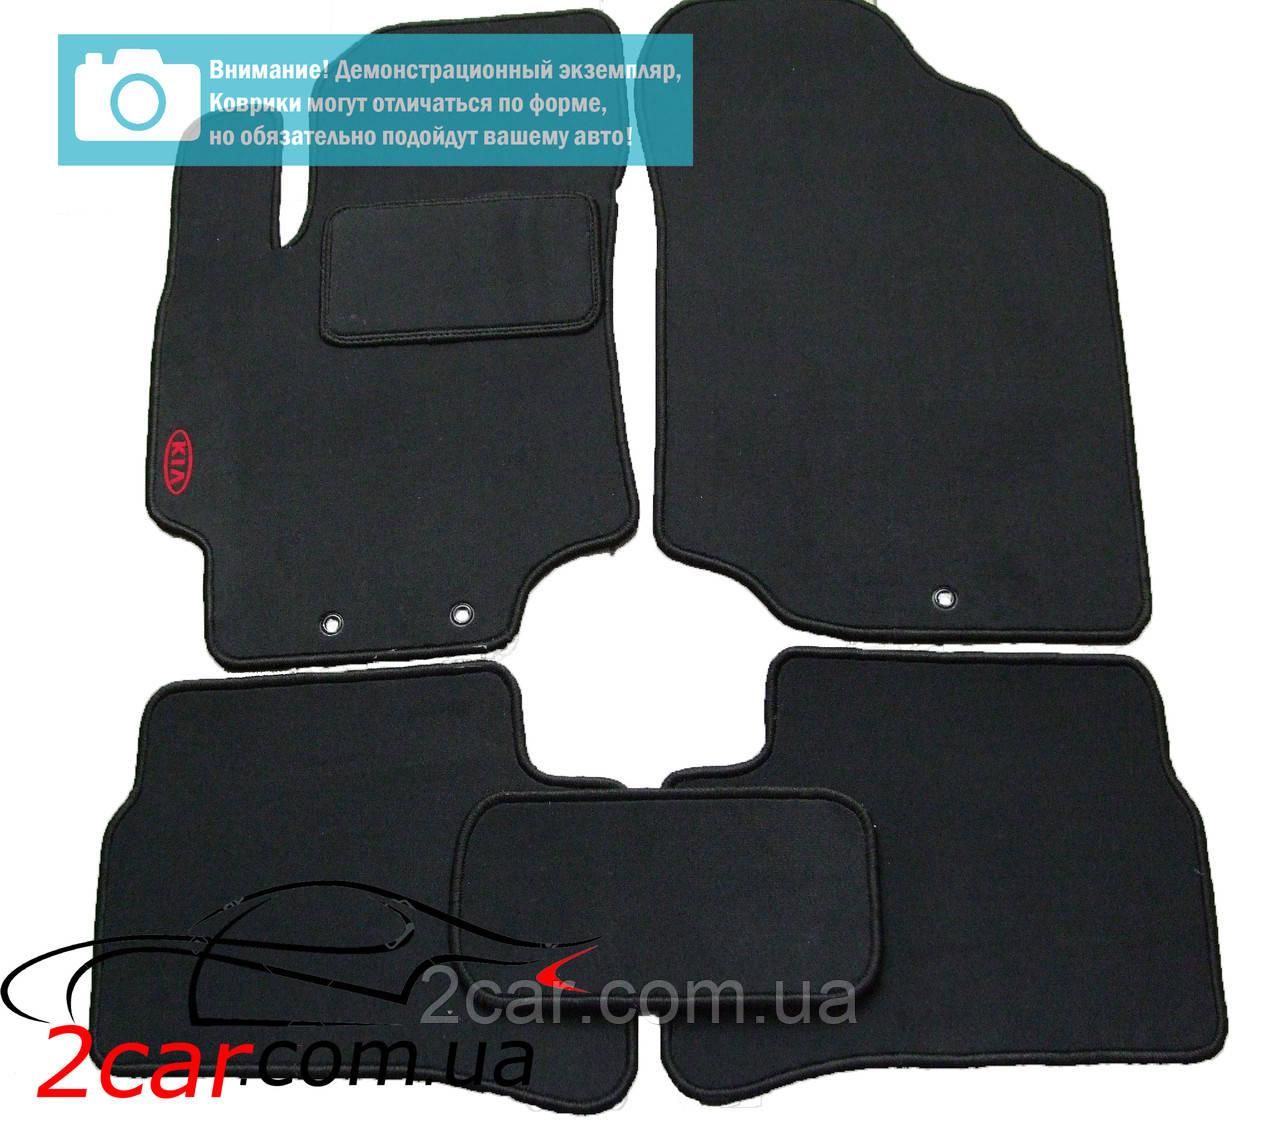 Текстильные коврики в салон для ВАЗ 2109 (чёрный) (StingrayUA)